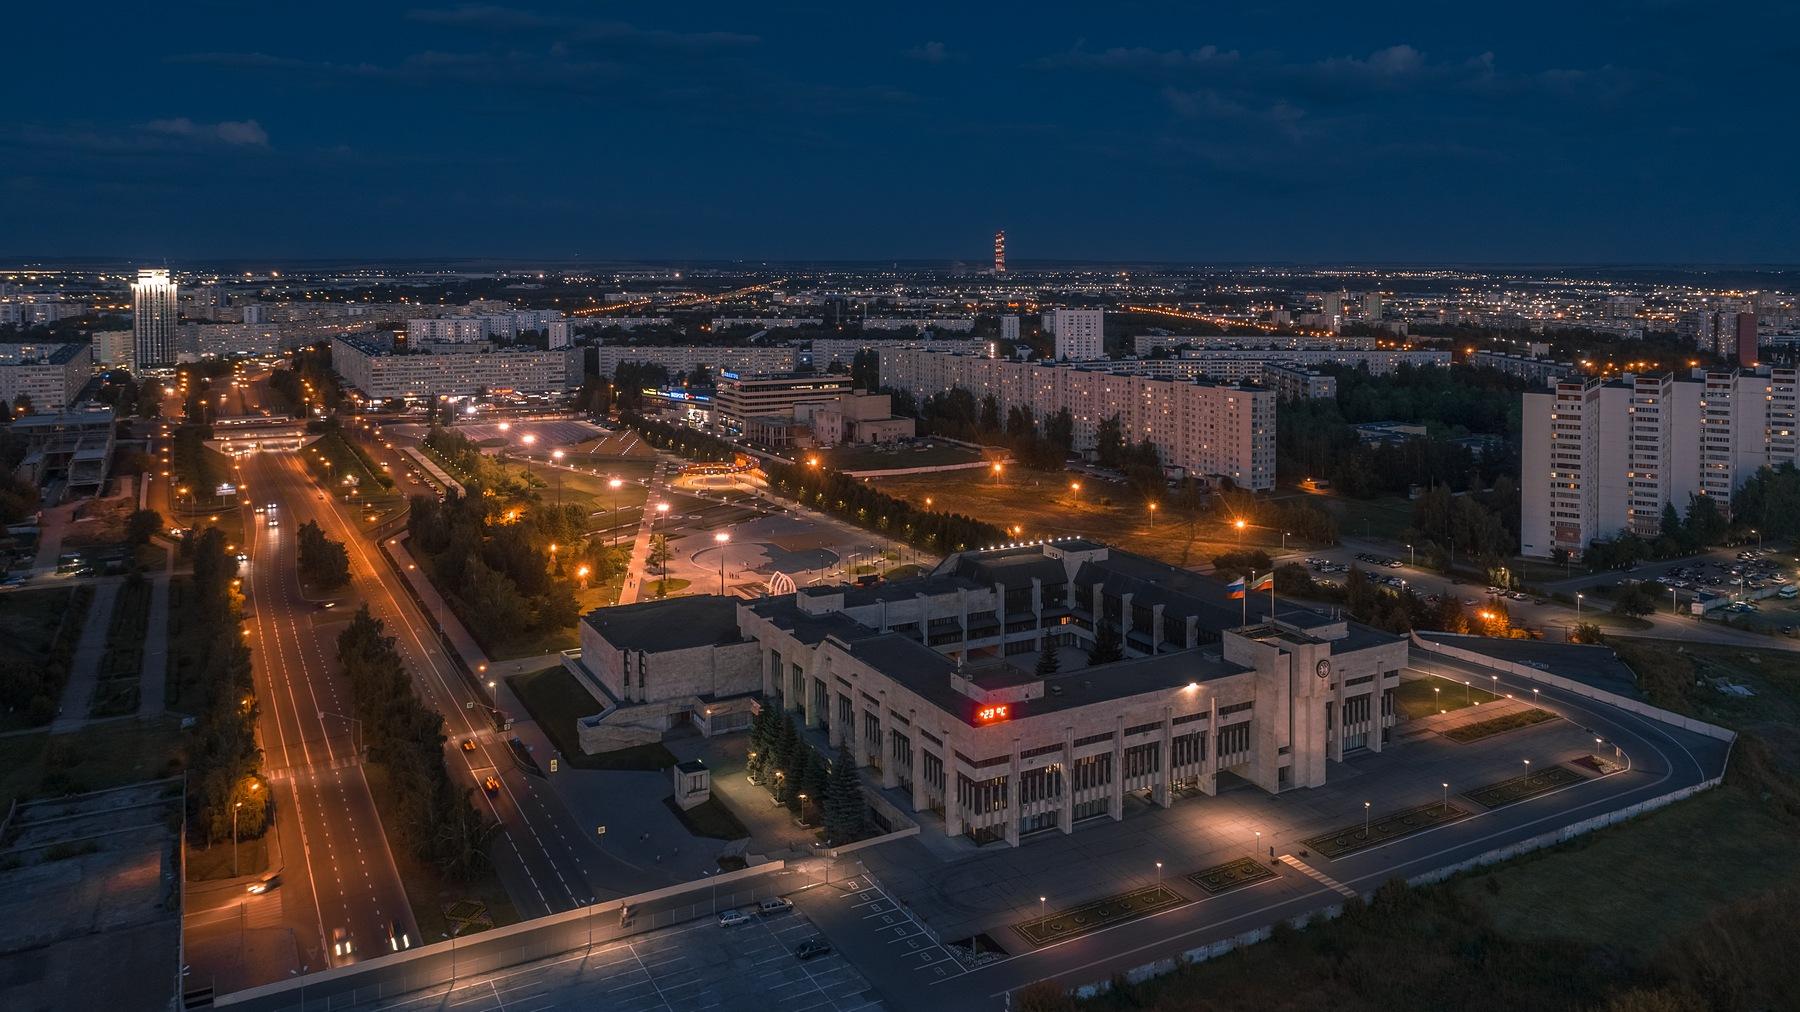 Набережные Челны с высоты. Июль 2019. Часть 1. город как на ладони,фото,аэрофото,аэрофотосъемка,высота,захватывающие картинки города,квадрокоптер,красивые фотографии с высоты,Набережные Челны,все о городе,dji,Татарстан